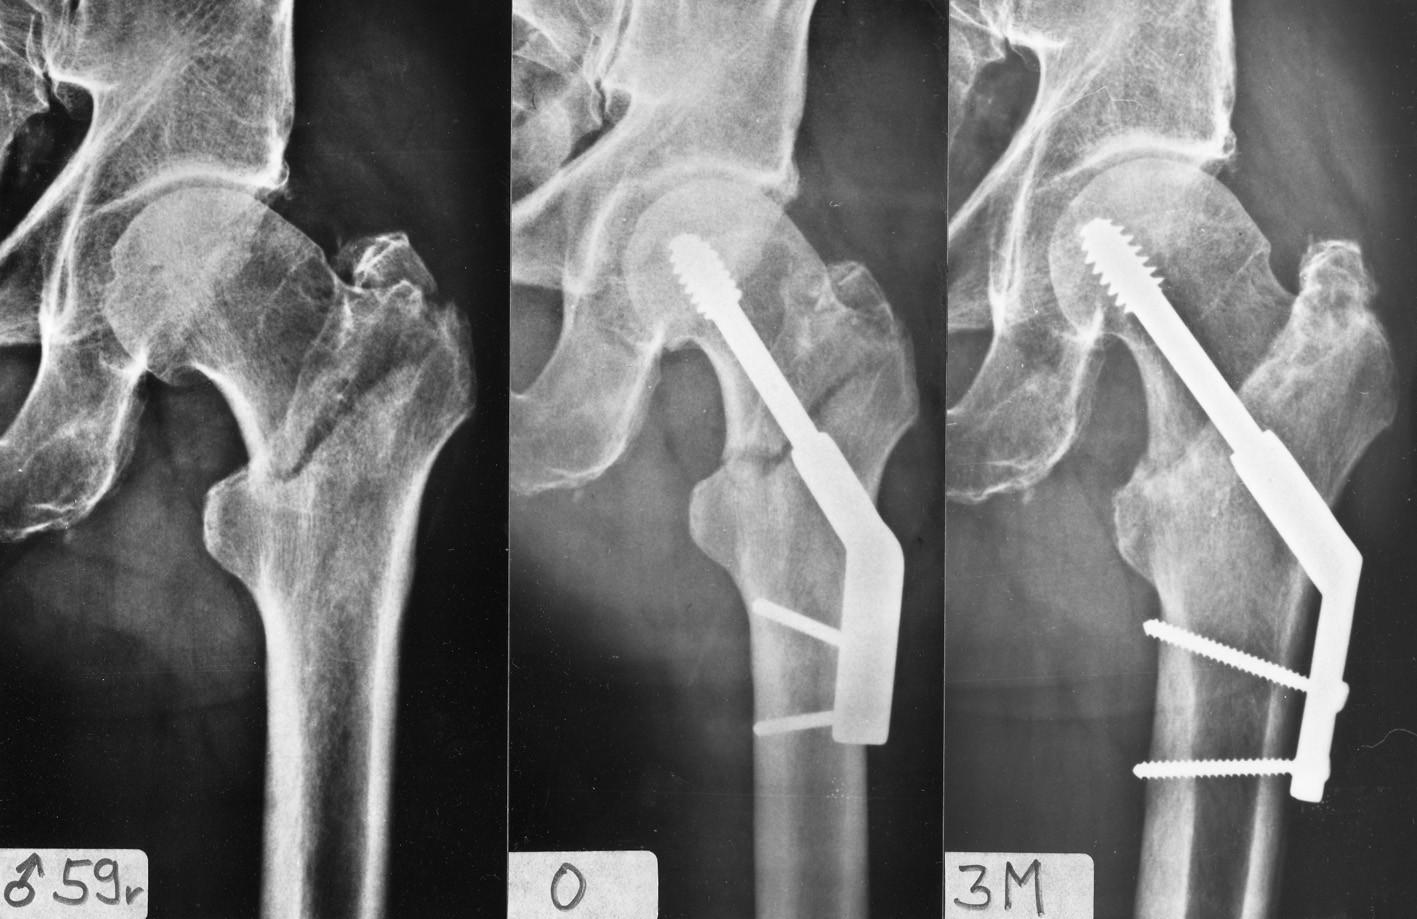 Osteosyntéza pertrochanterické zlomeniny pomocí DHS s 2otvorovou dlahou: a – stabilní pertrochanterická zlomenina; b – rtg po operaci; c – zhojení zlomeniny 3 měsíce po operaci. Fig. 3: Internal fixation of a pertrochanteric fracture by DHS with a 2-hole plate: a – a stable pertrochanteric fracture; b – postoperative radiograph; c – fracture healed 3 months after operation.